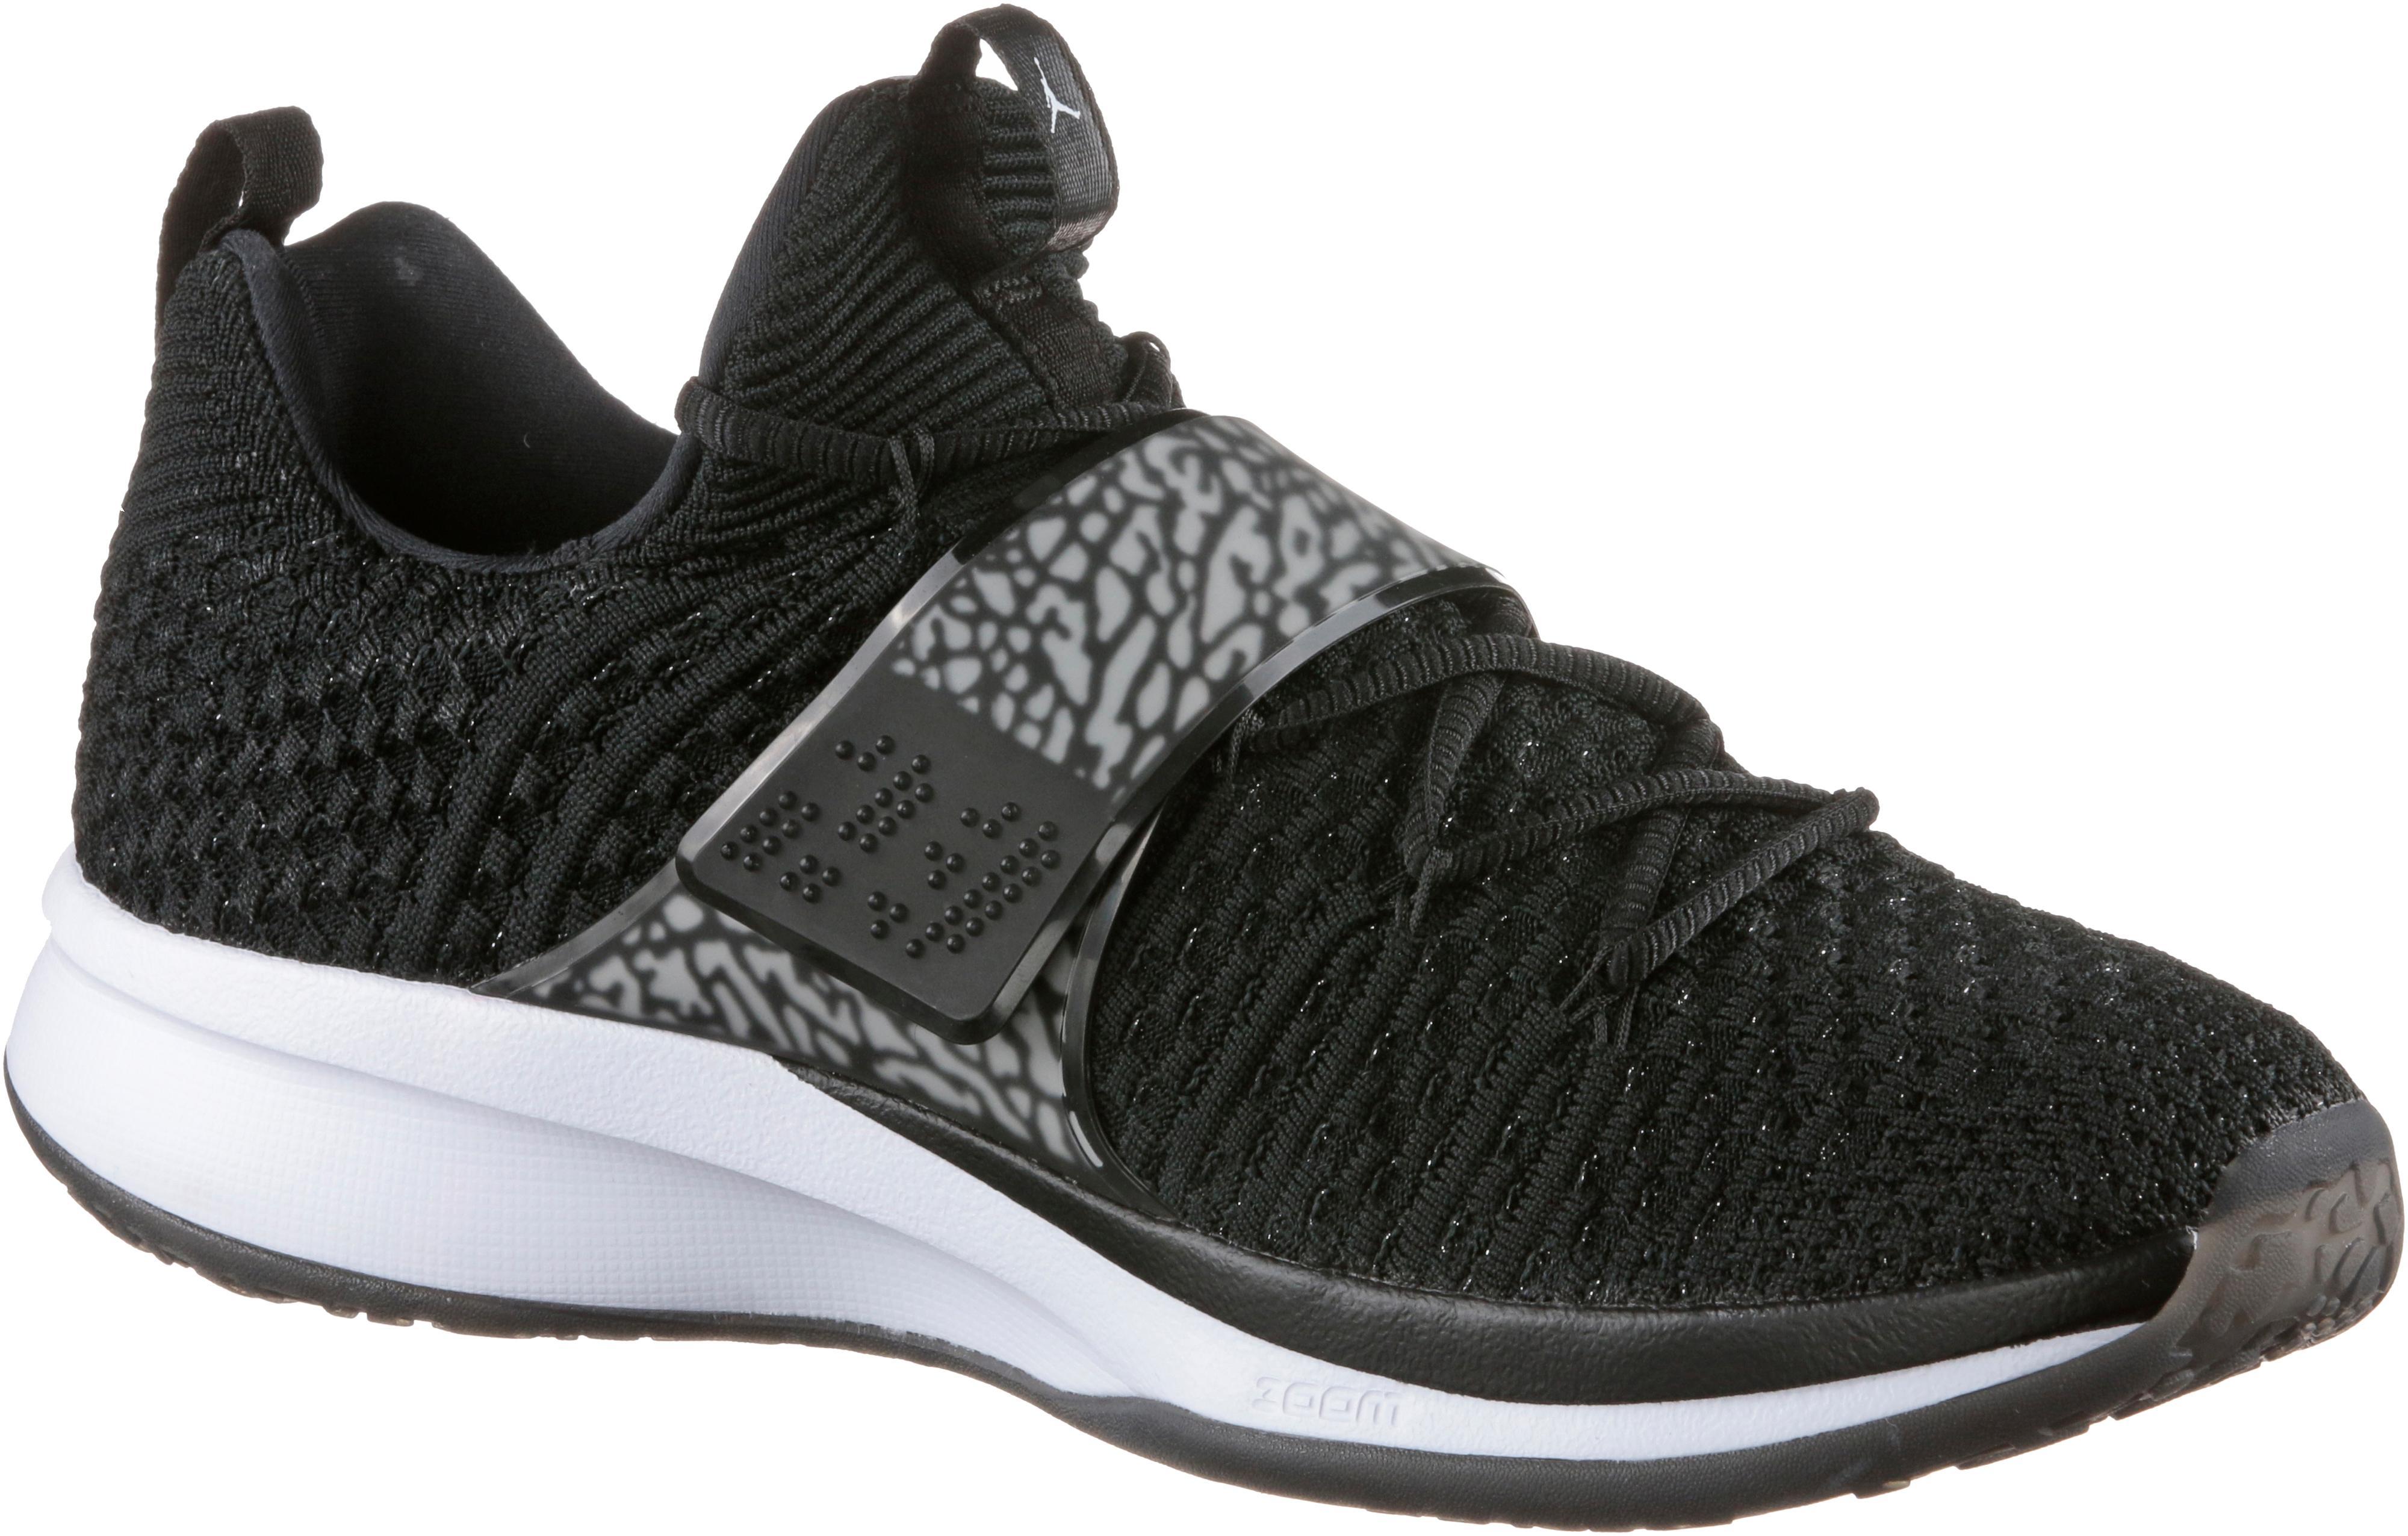 Nike Jordan Trainer2 Turnschuhe Herren schwarz-metallic Gold im im im Online Shop von SportScheck kaufen Gute Qualität beliebte Schuhe f9ba9c